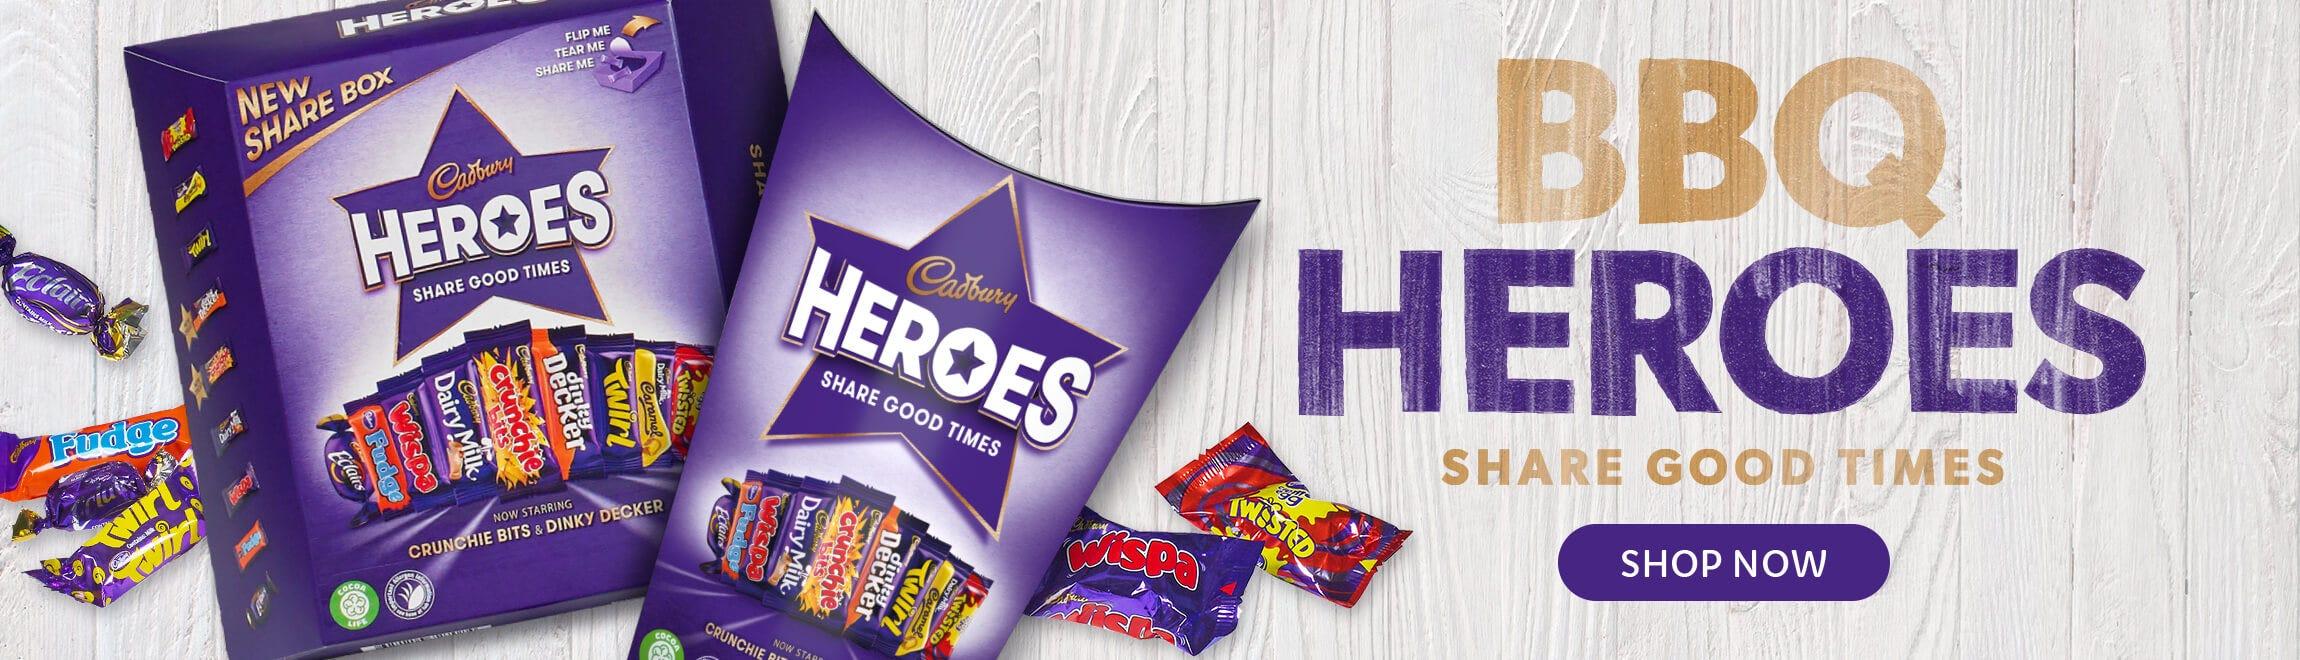 Cadbury Heroes Chocolates